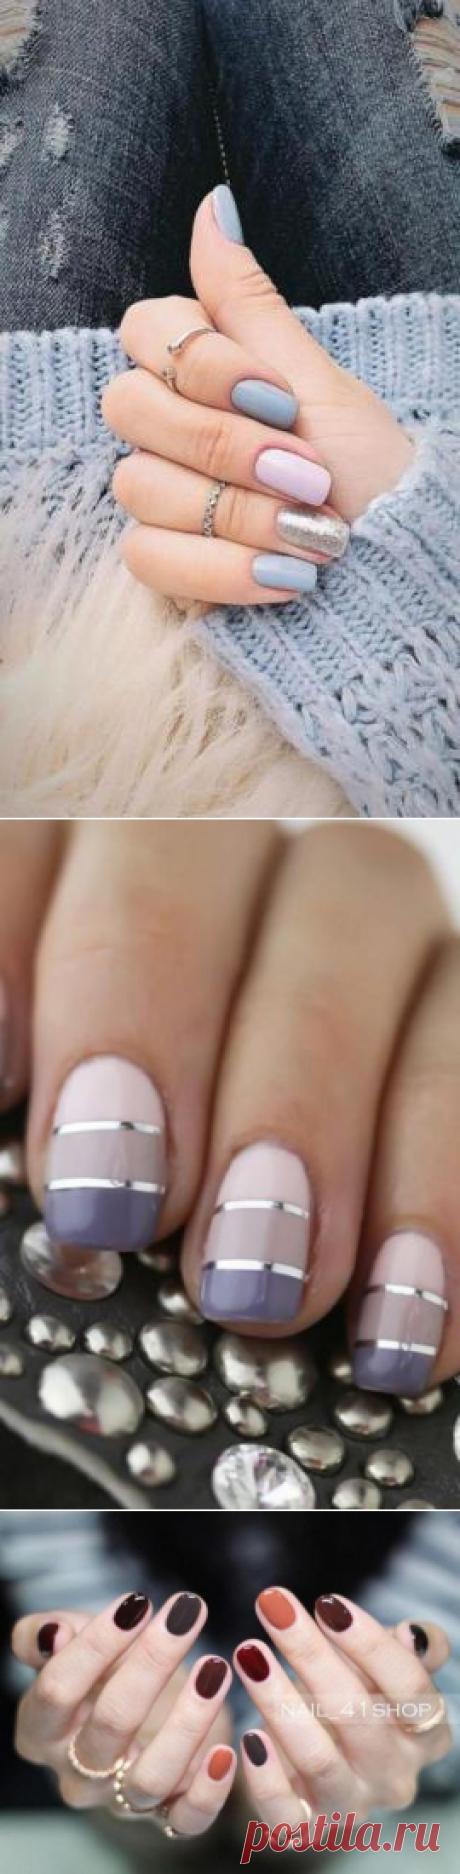 Модный маникюр на каждый день: лучшие тренды-2019, идеи дизайна на ногти разной длины, фотообзор новинок